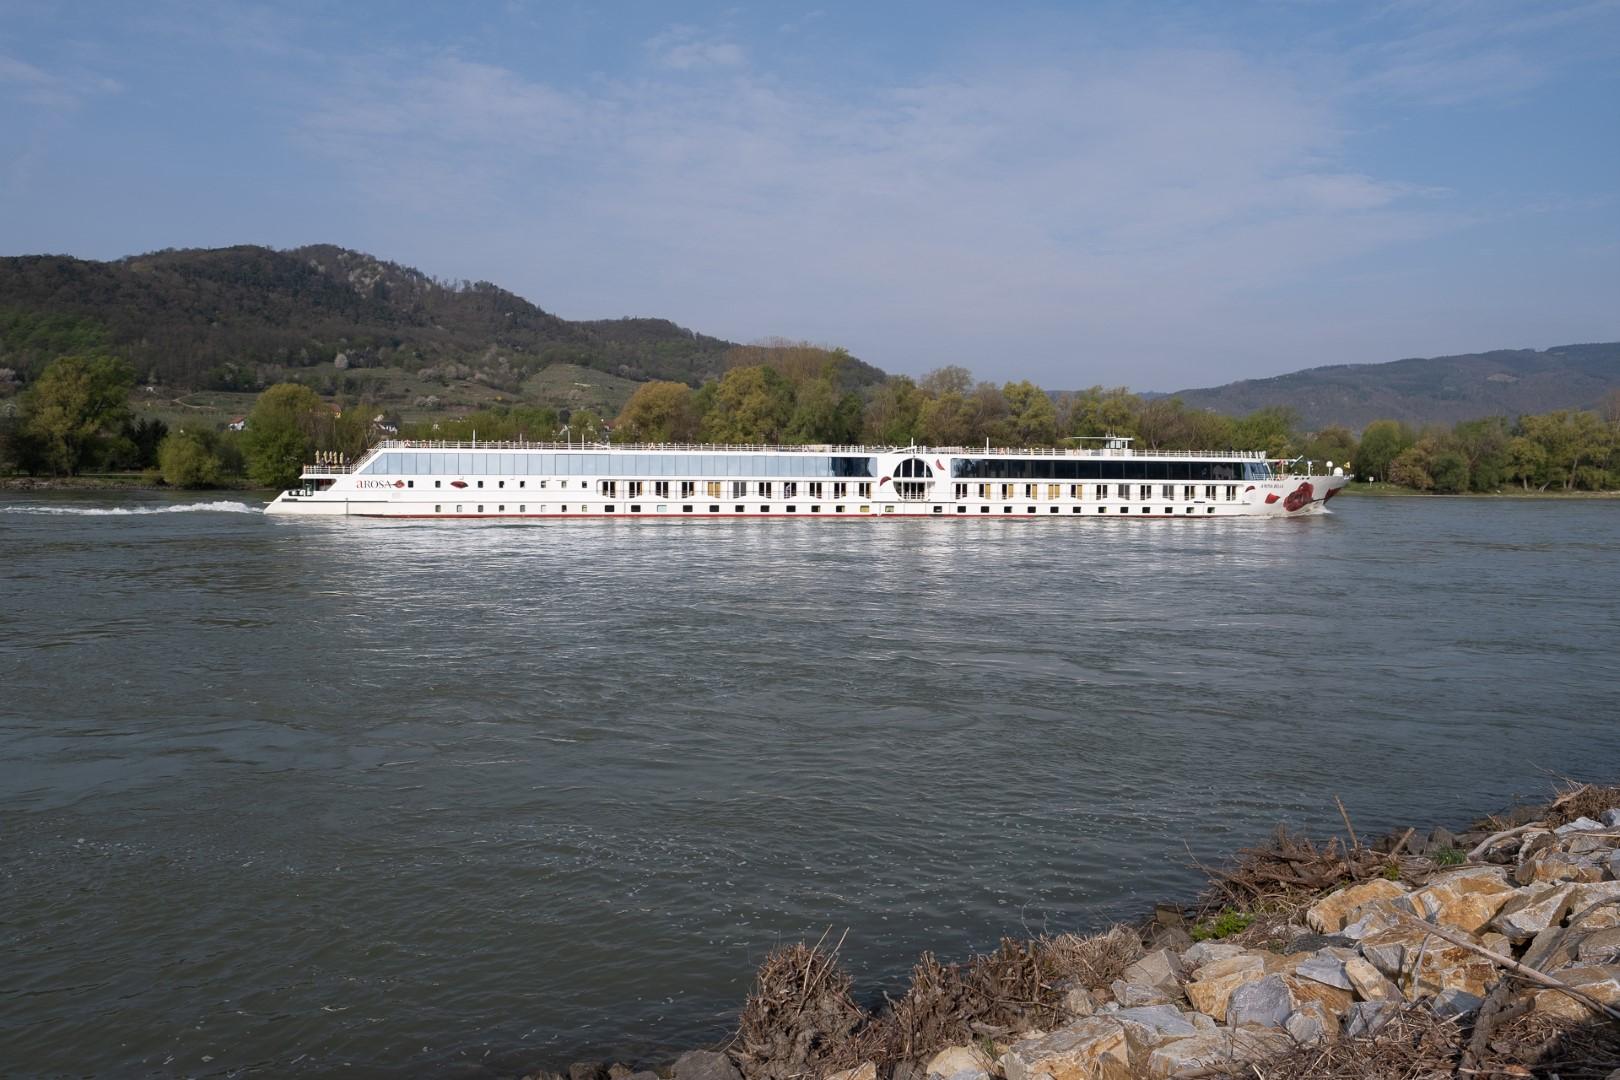 015-river-boat-custom